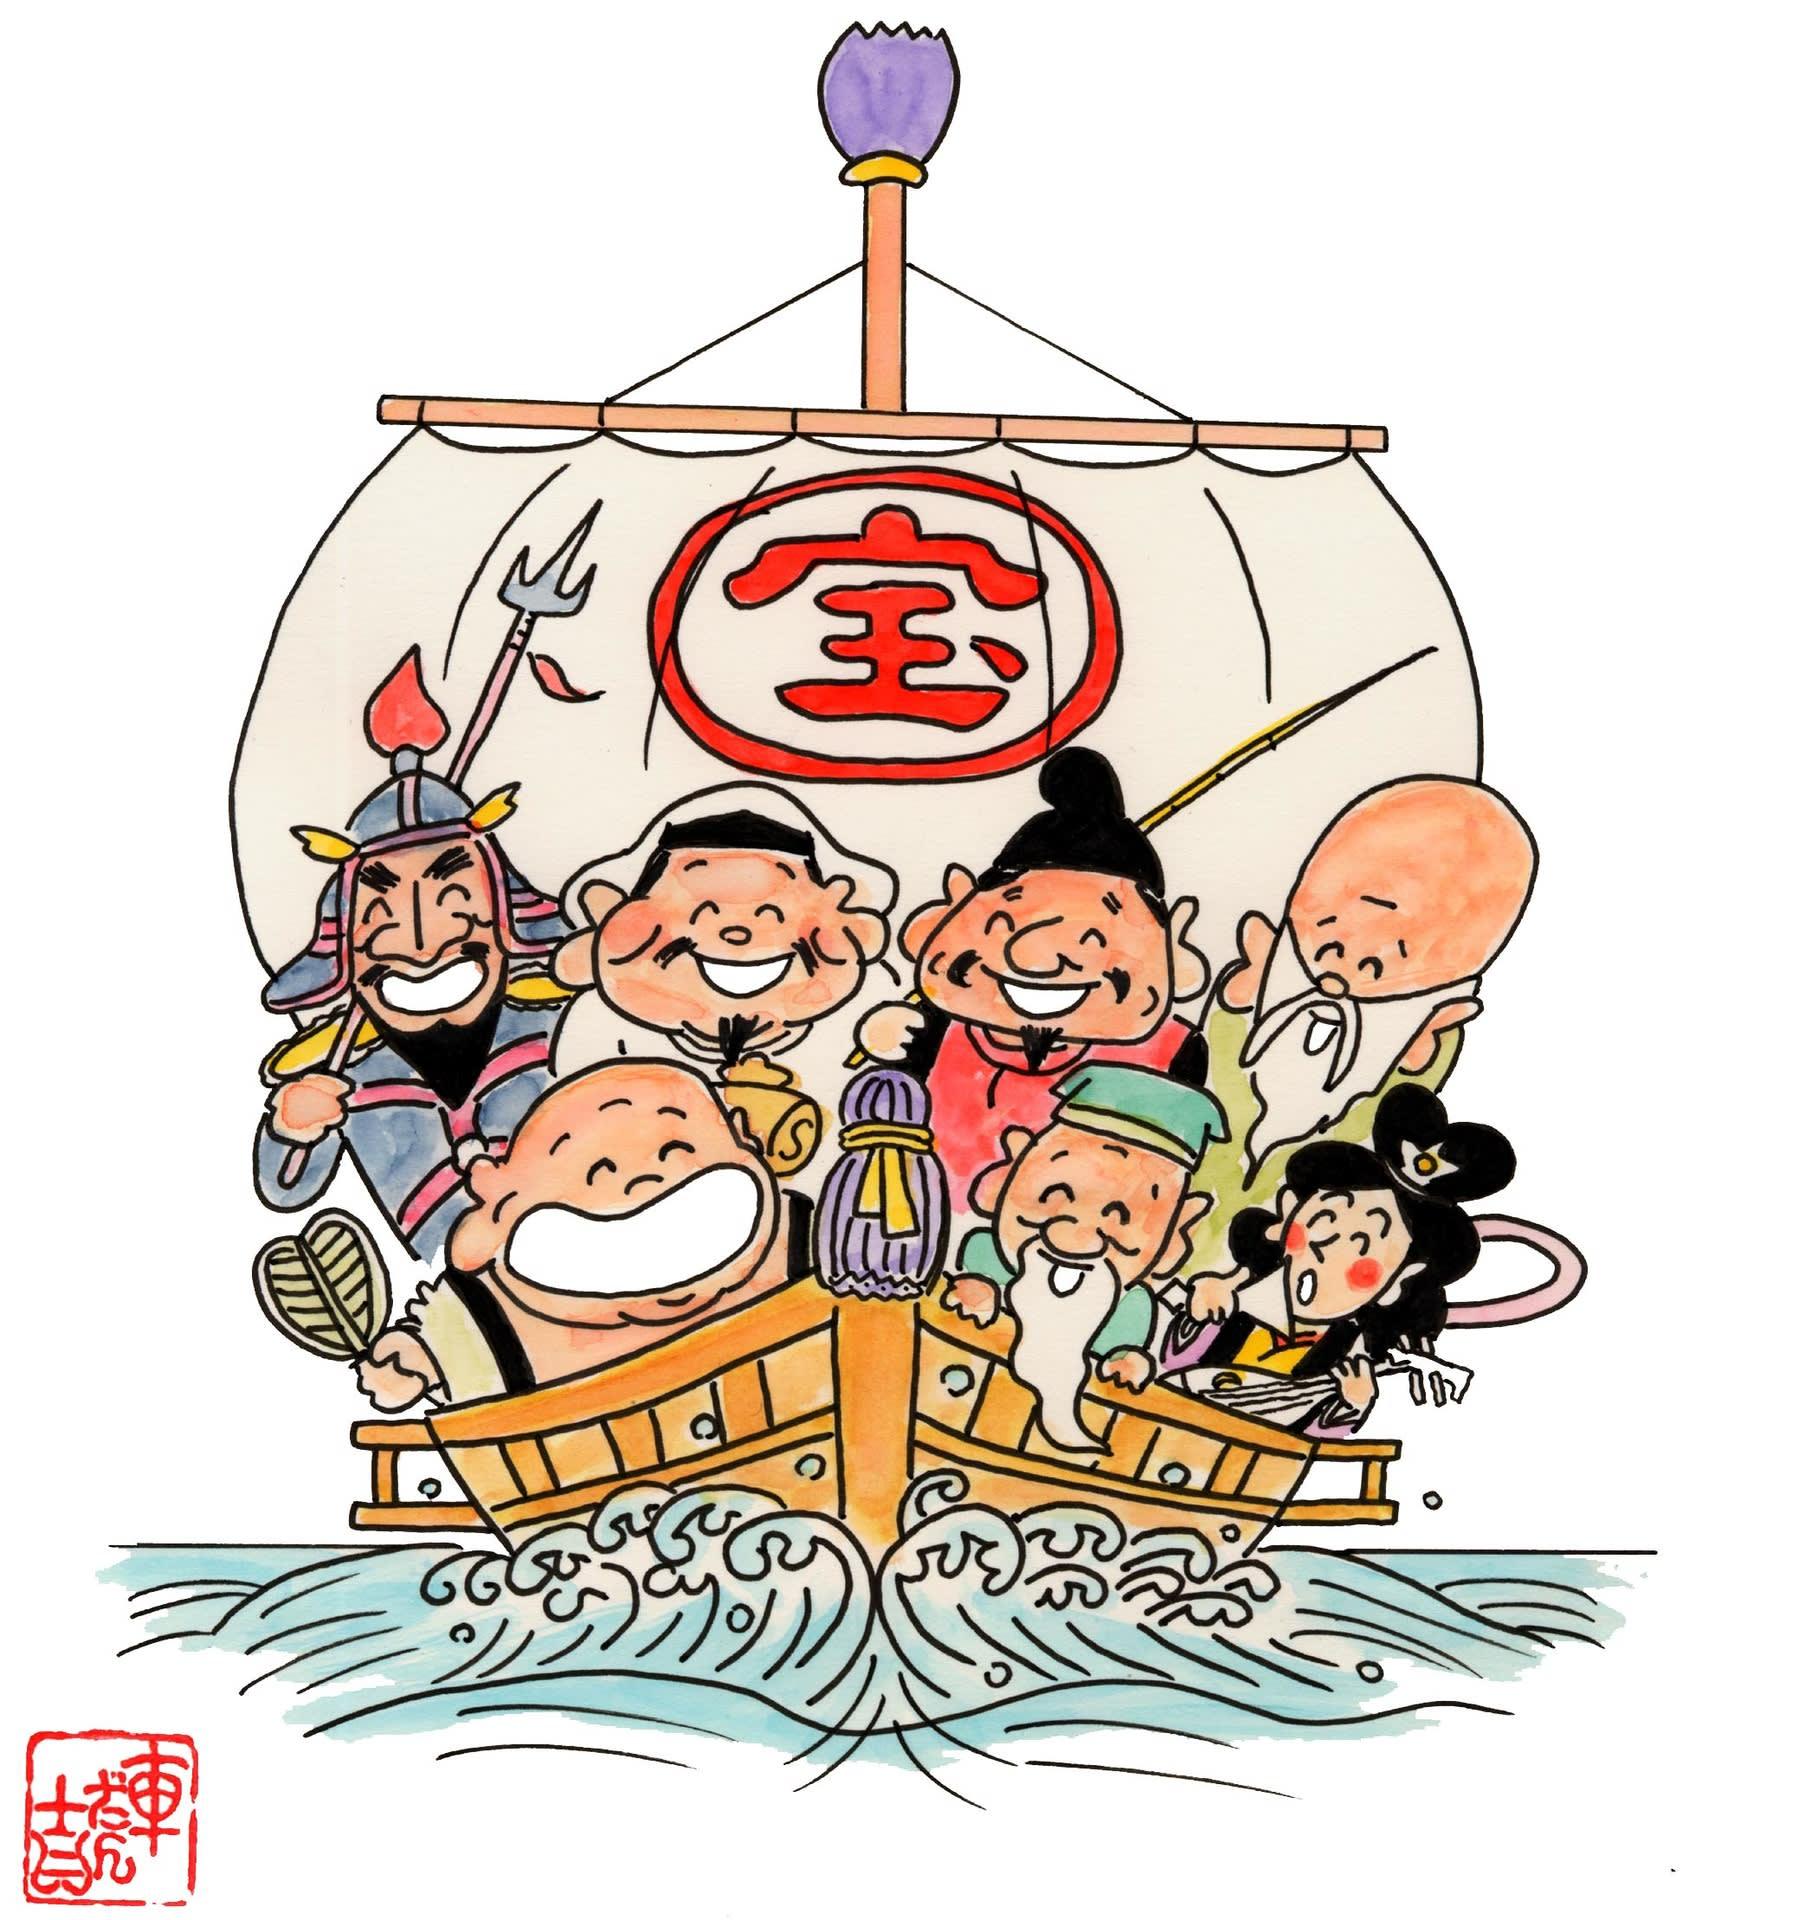 七福神を巡りで2017年運気アップ - 佐倉市議会議員はしおか協美